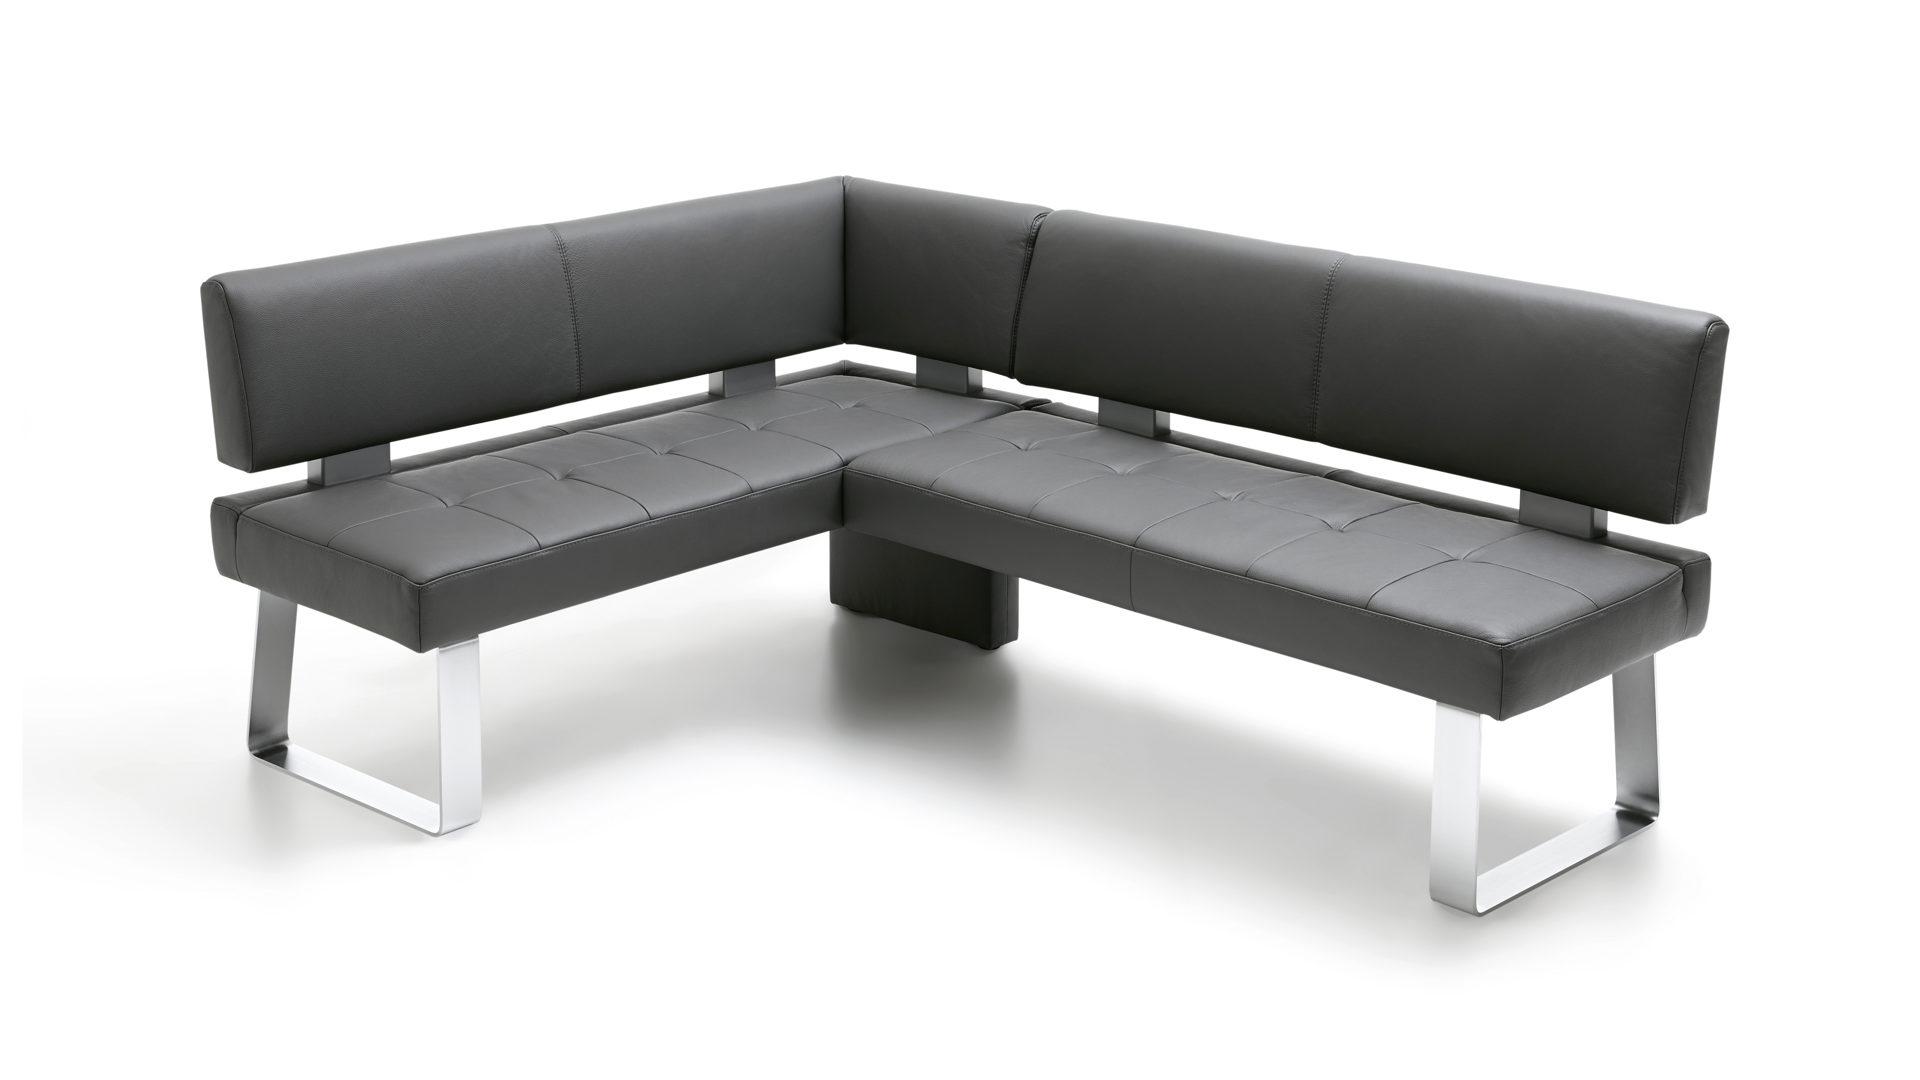 Eckbank grau  Wohnkauf Zeller Weilburg | Räume | Esszimmer | Stühle + Bänke ...